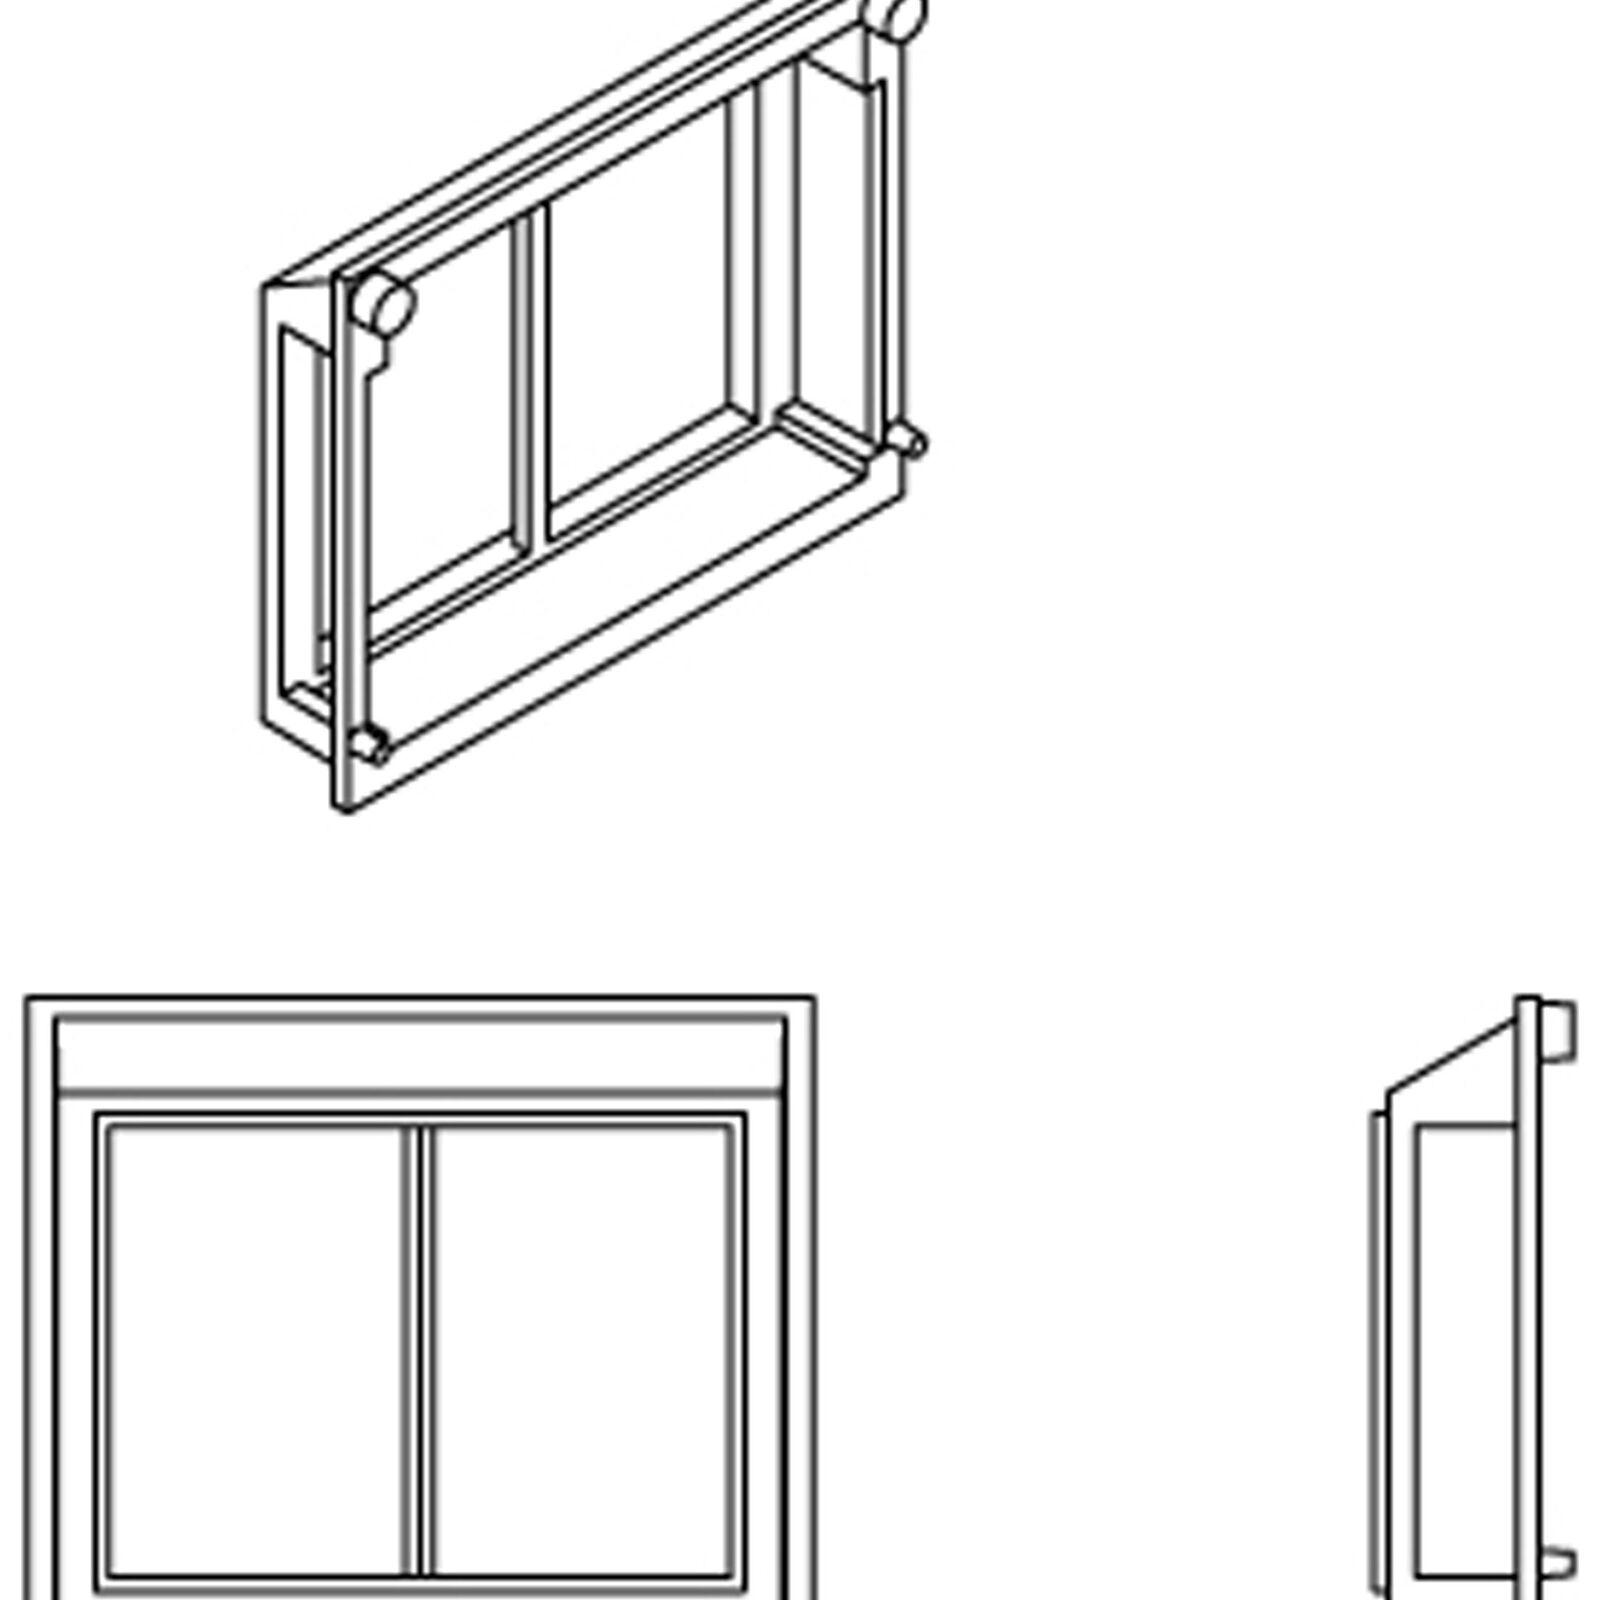 HO All-Weather Window Set, 2 Pane/Steep/Angle (6)